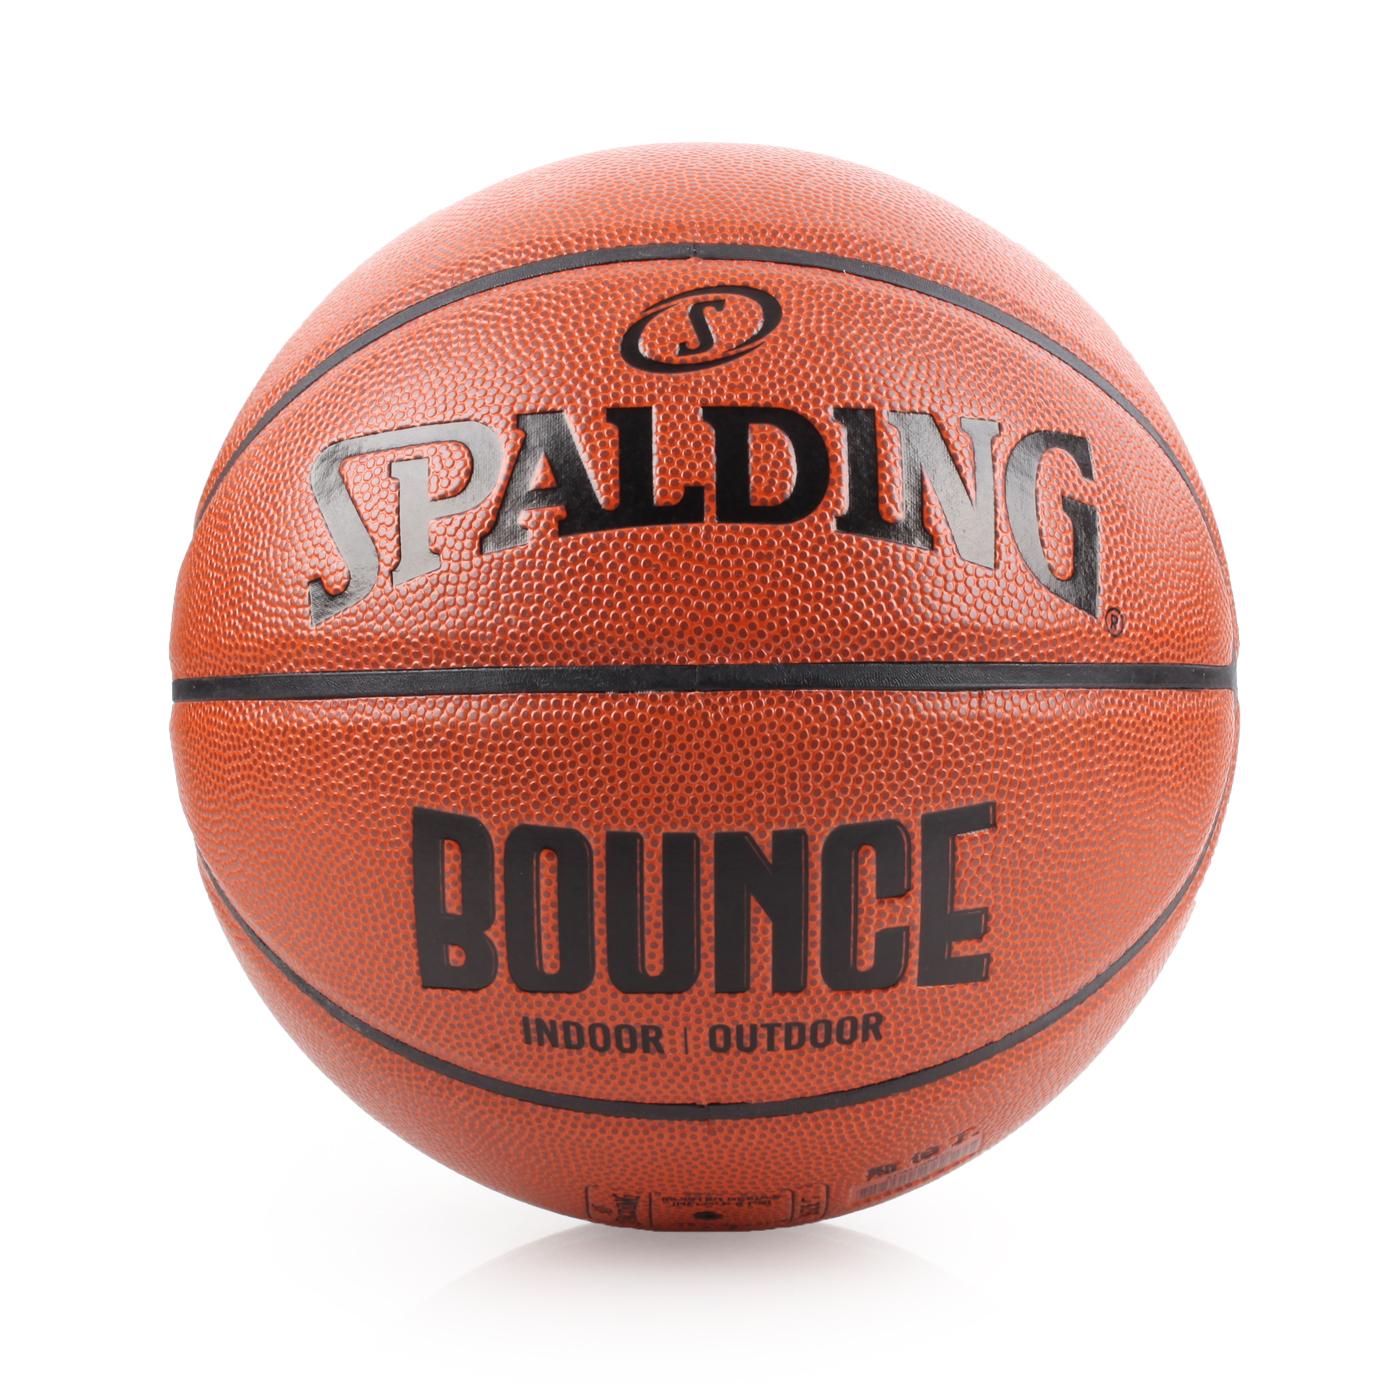 SPALDING Bounce 籃球-PU SPB91001